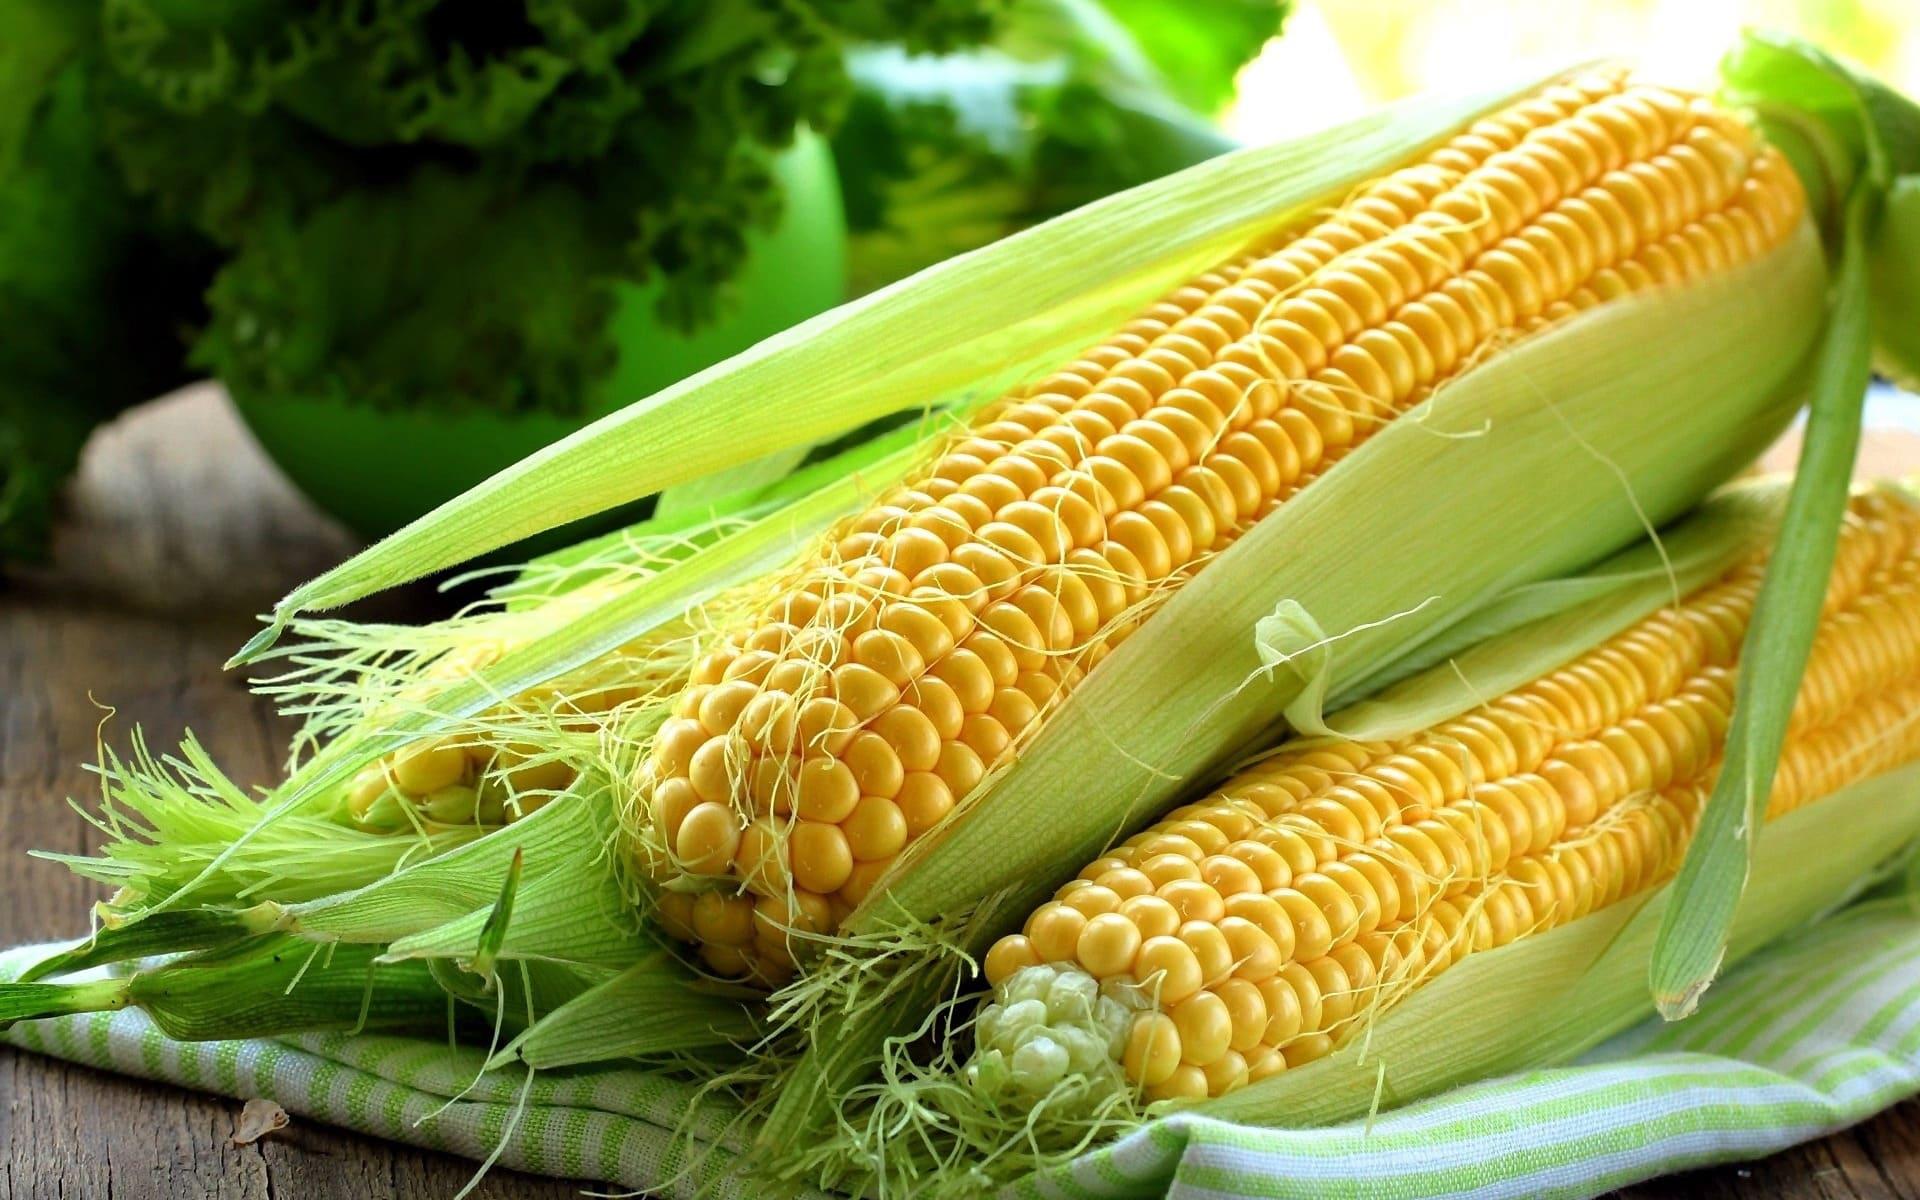 Кукуруза овощ или фрукт: к какому семейству и виду относится